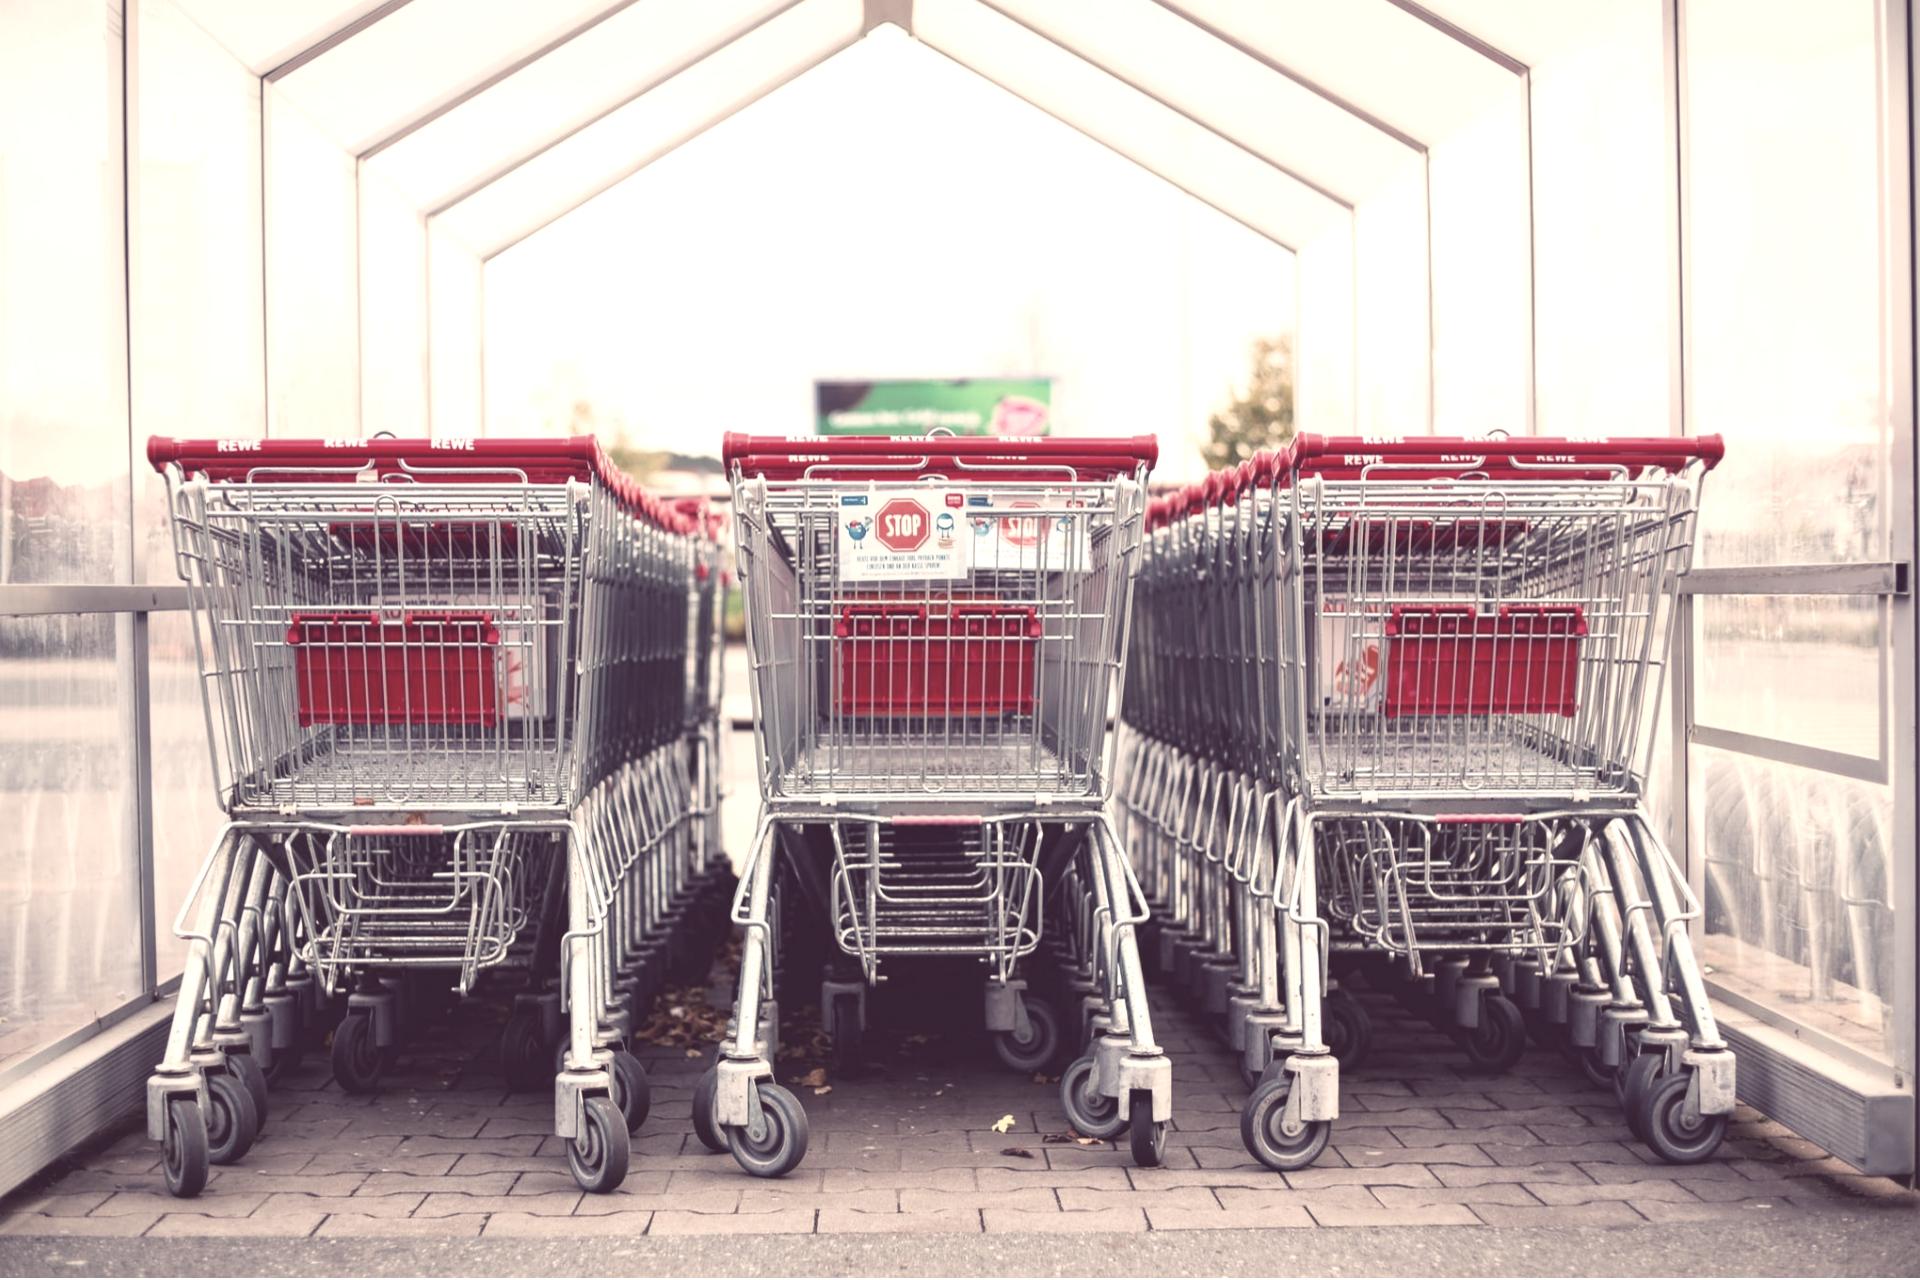 voeding kopen in supermarkt